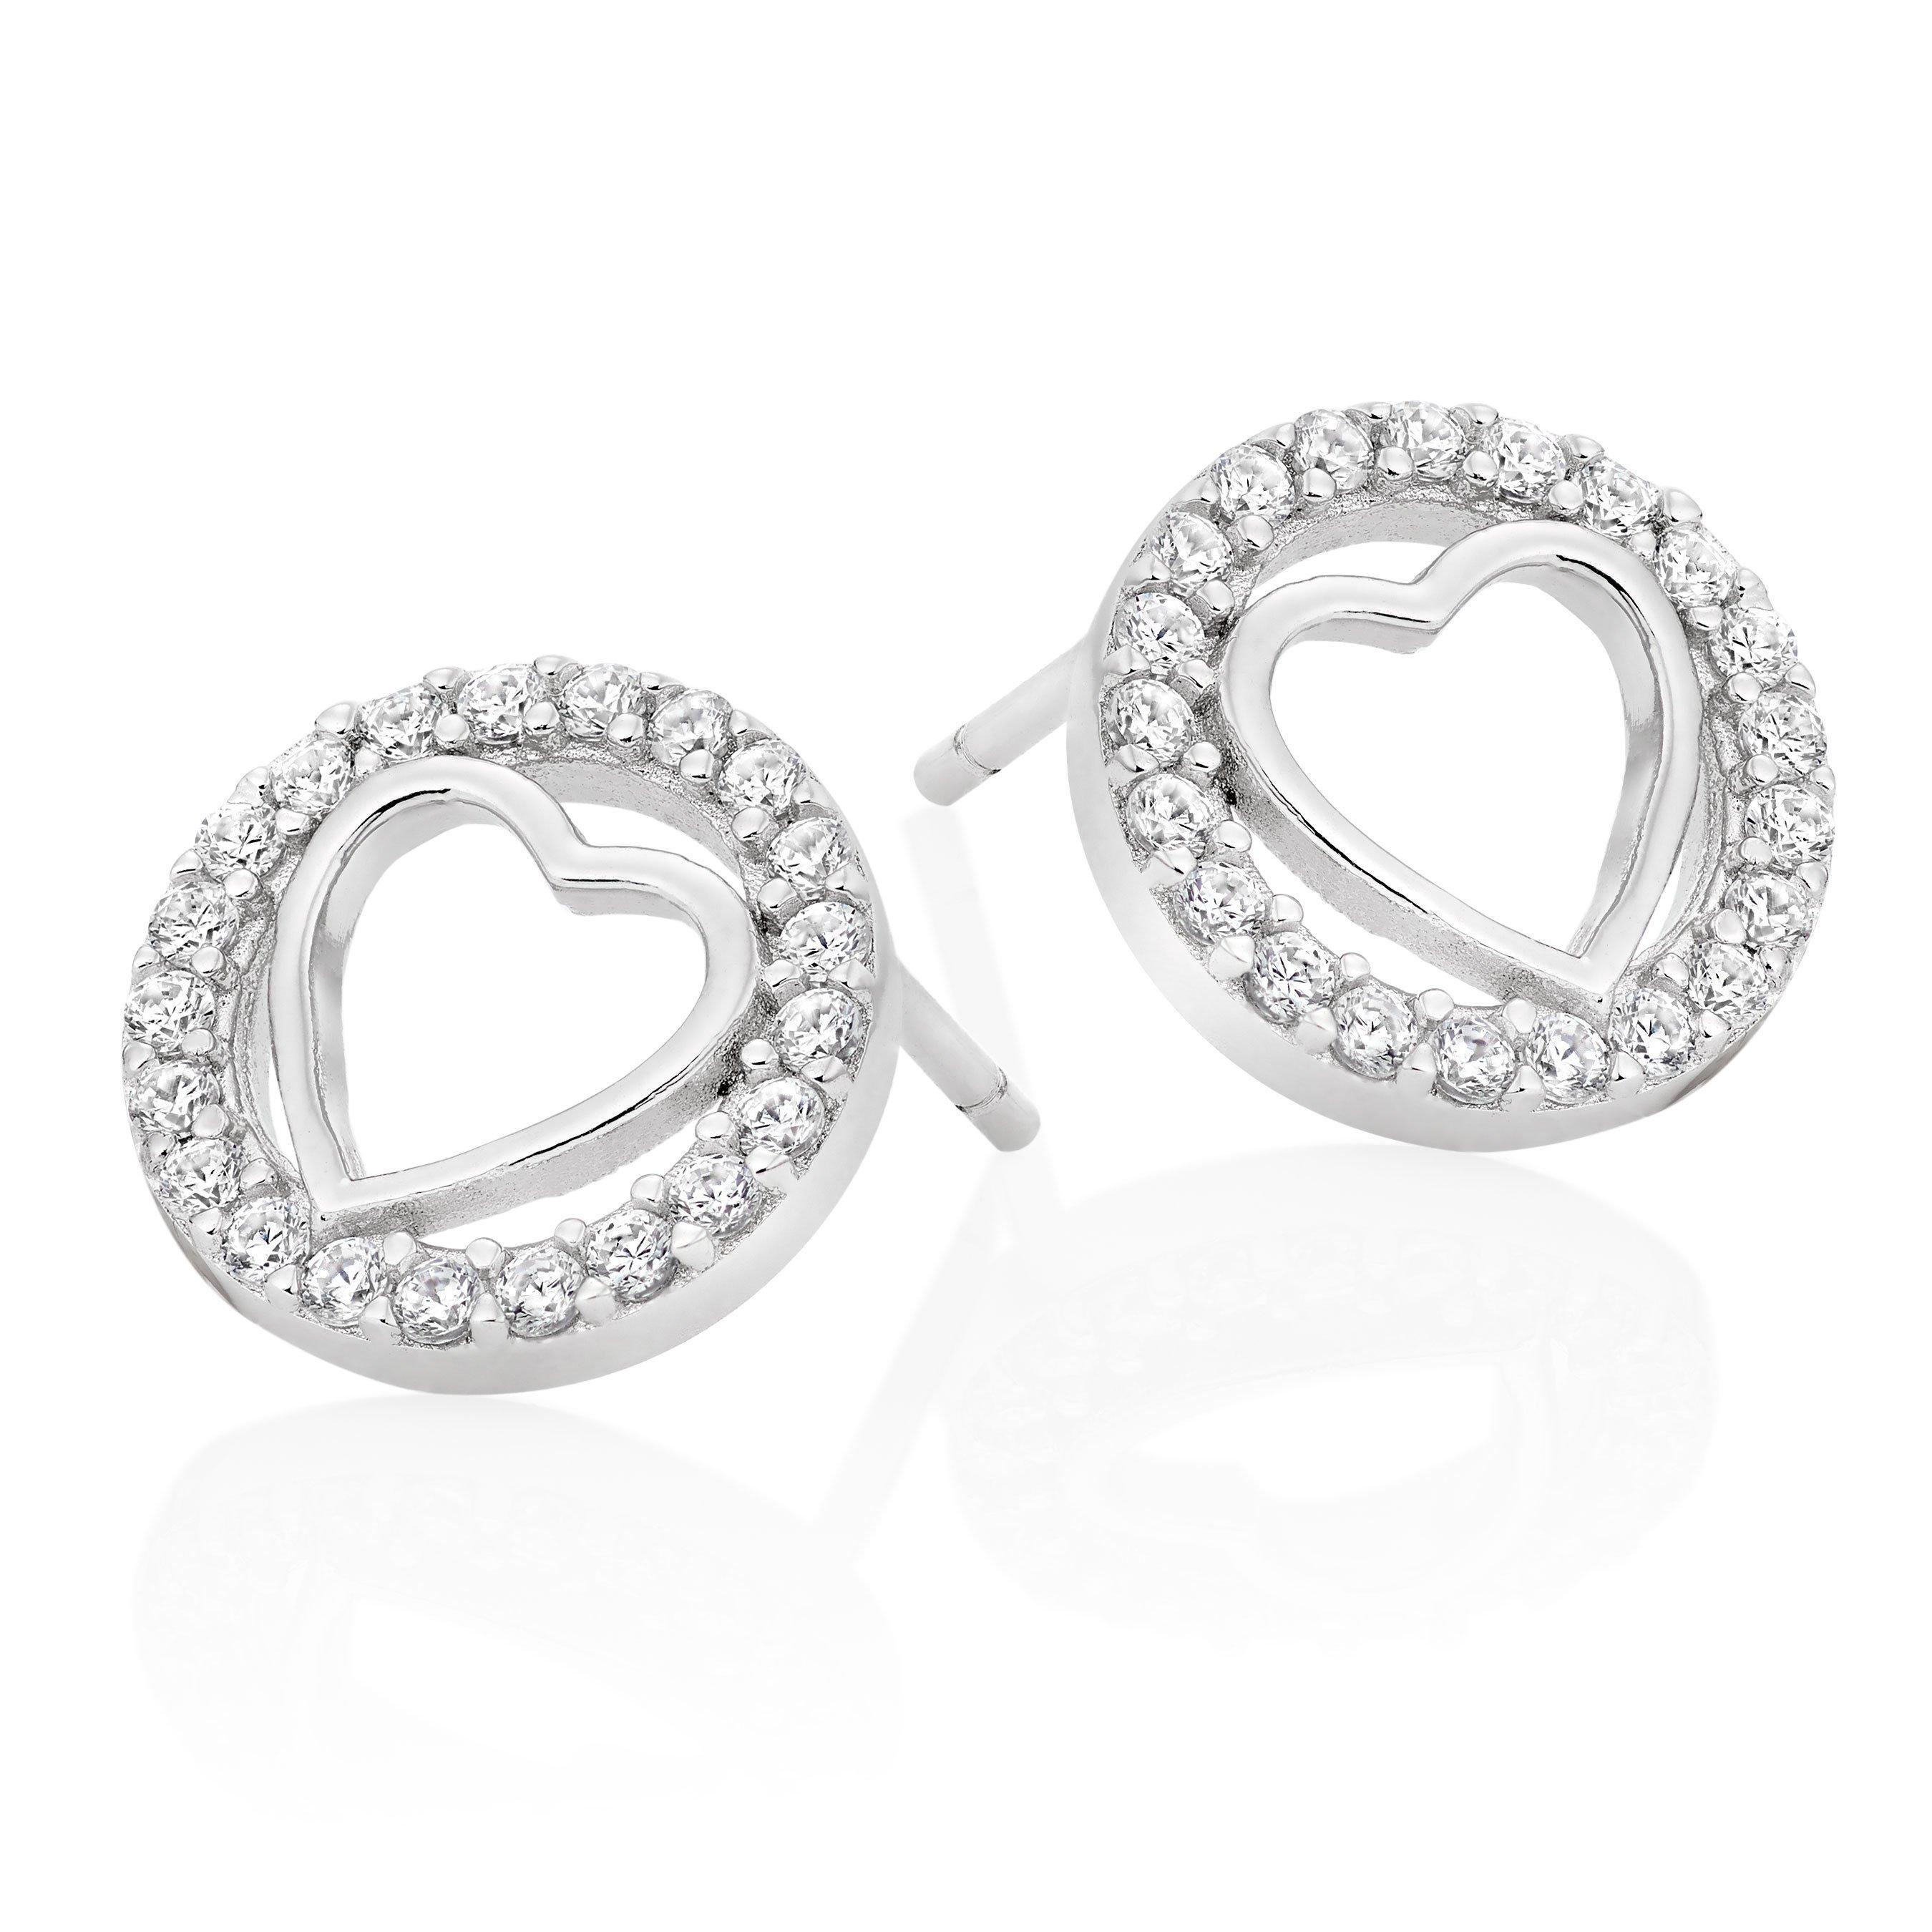 Silver Cubic Zirconia Heart Stud Earrings